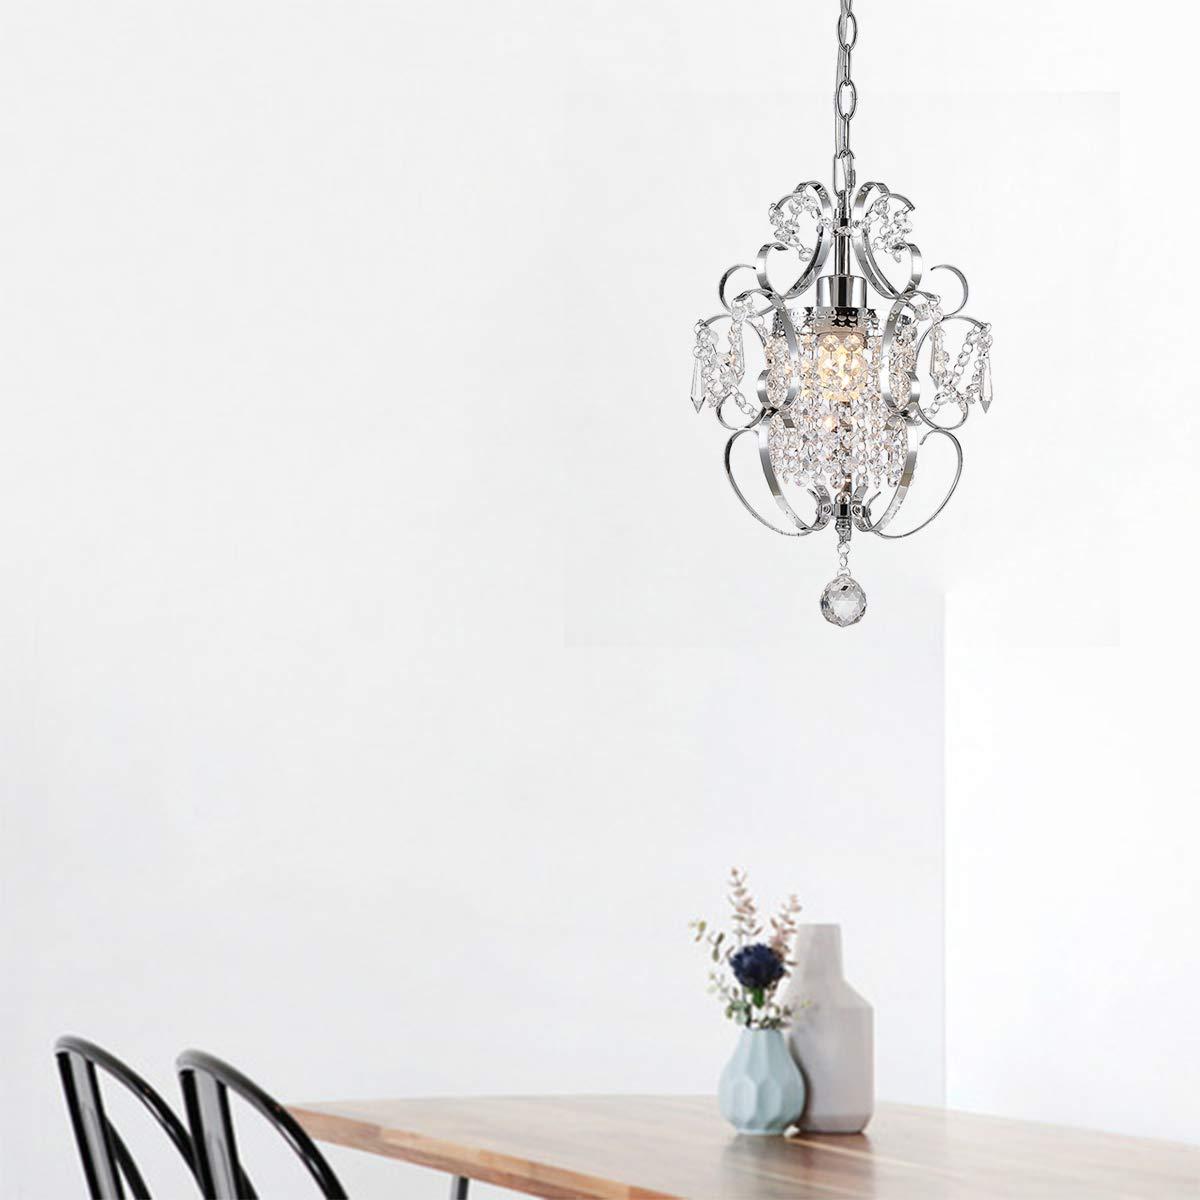 Living Room W11x H15 1 Light Chrome Foyer Bathroom Riomasee Crystal Chandelier Mini Elegant Pendant Light Iron Ceiling Light Fixture for Bedroom